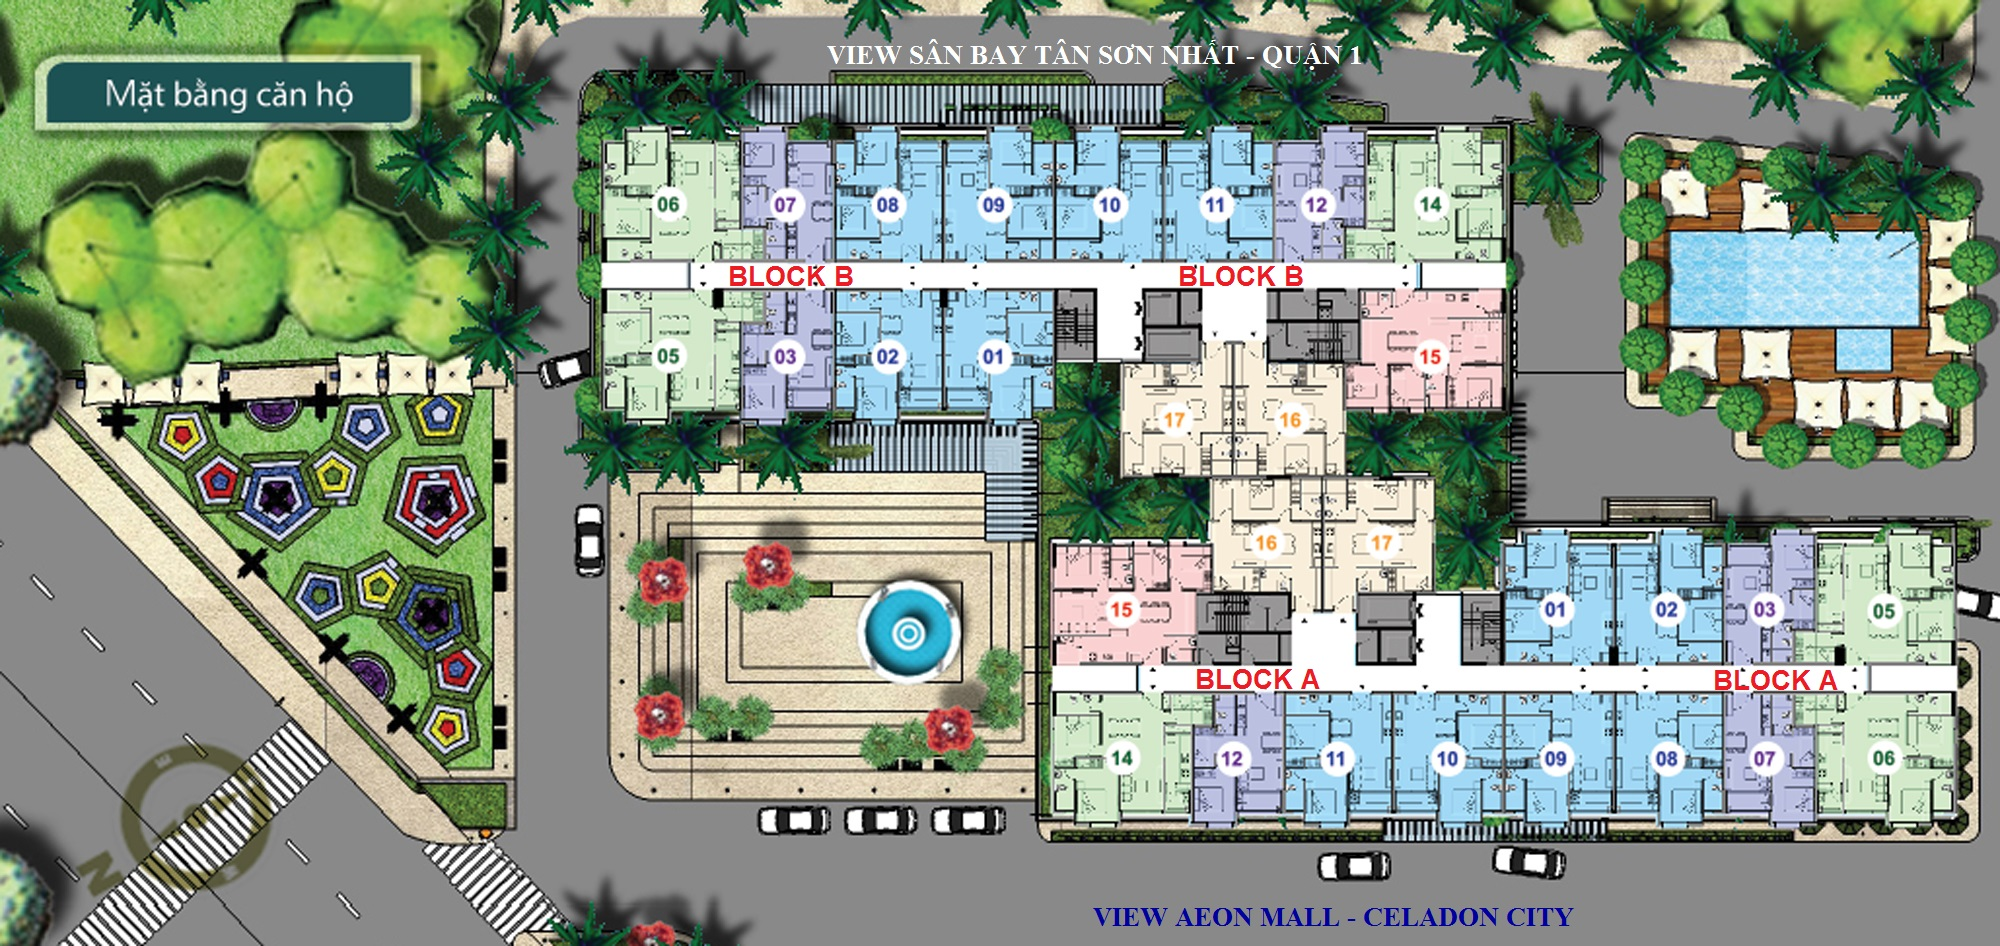 Mặt bằng thiết kế tổng thể An Gia Garden Tân Phú ( Block A ,B)